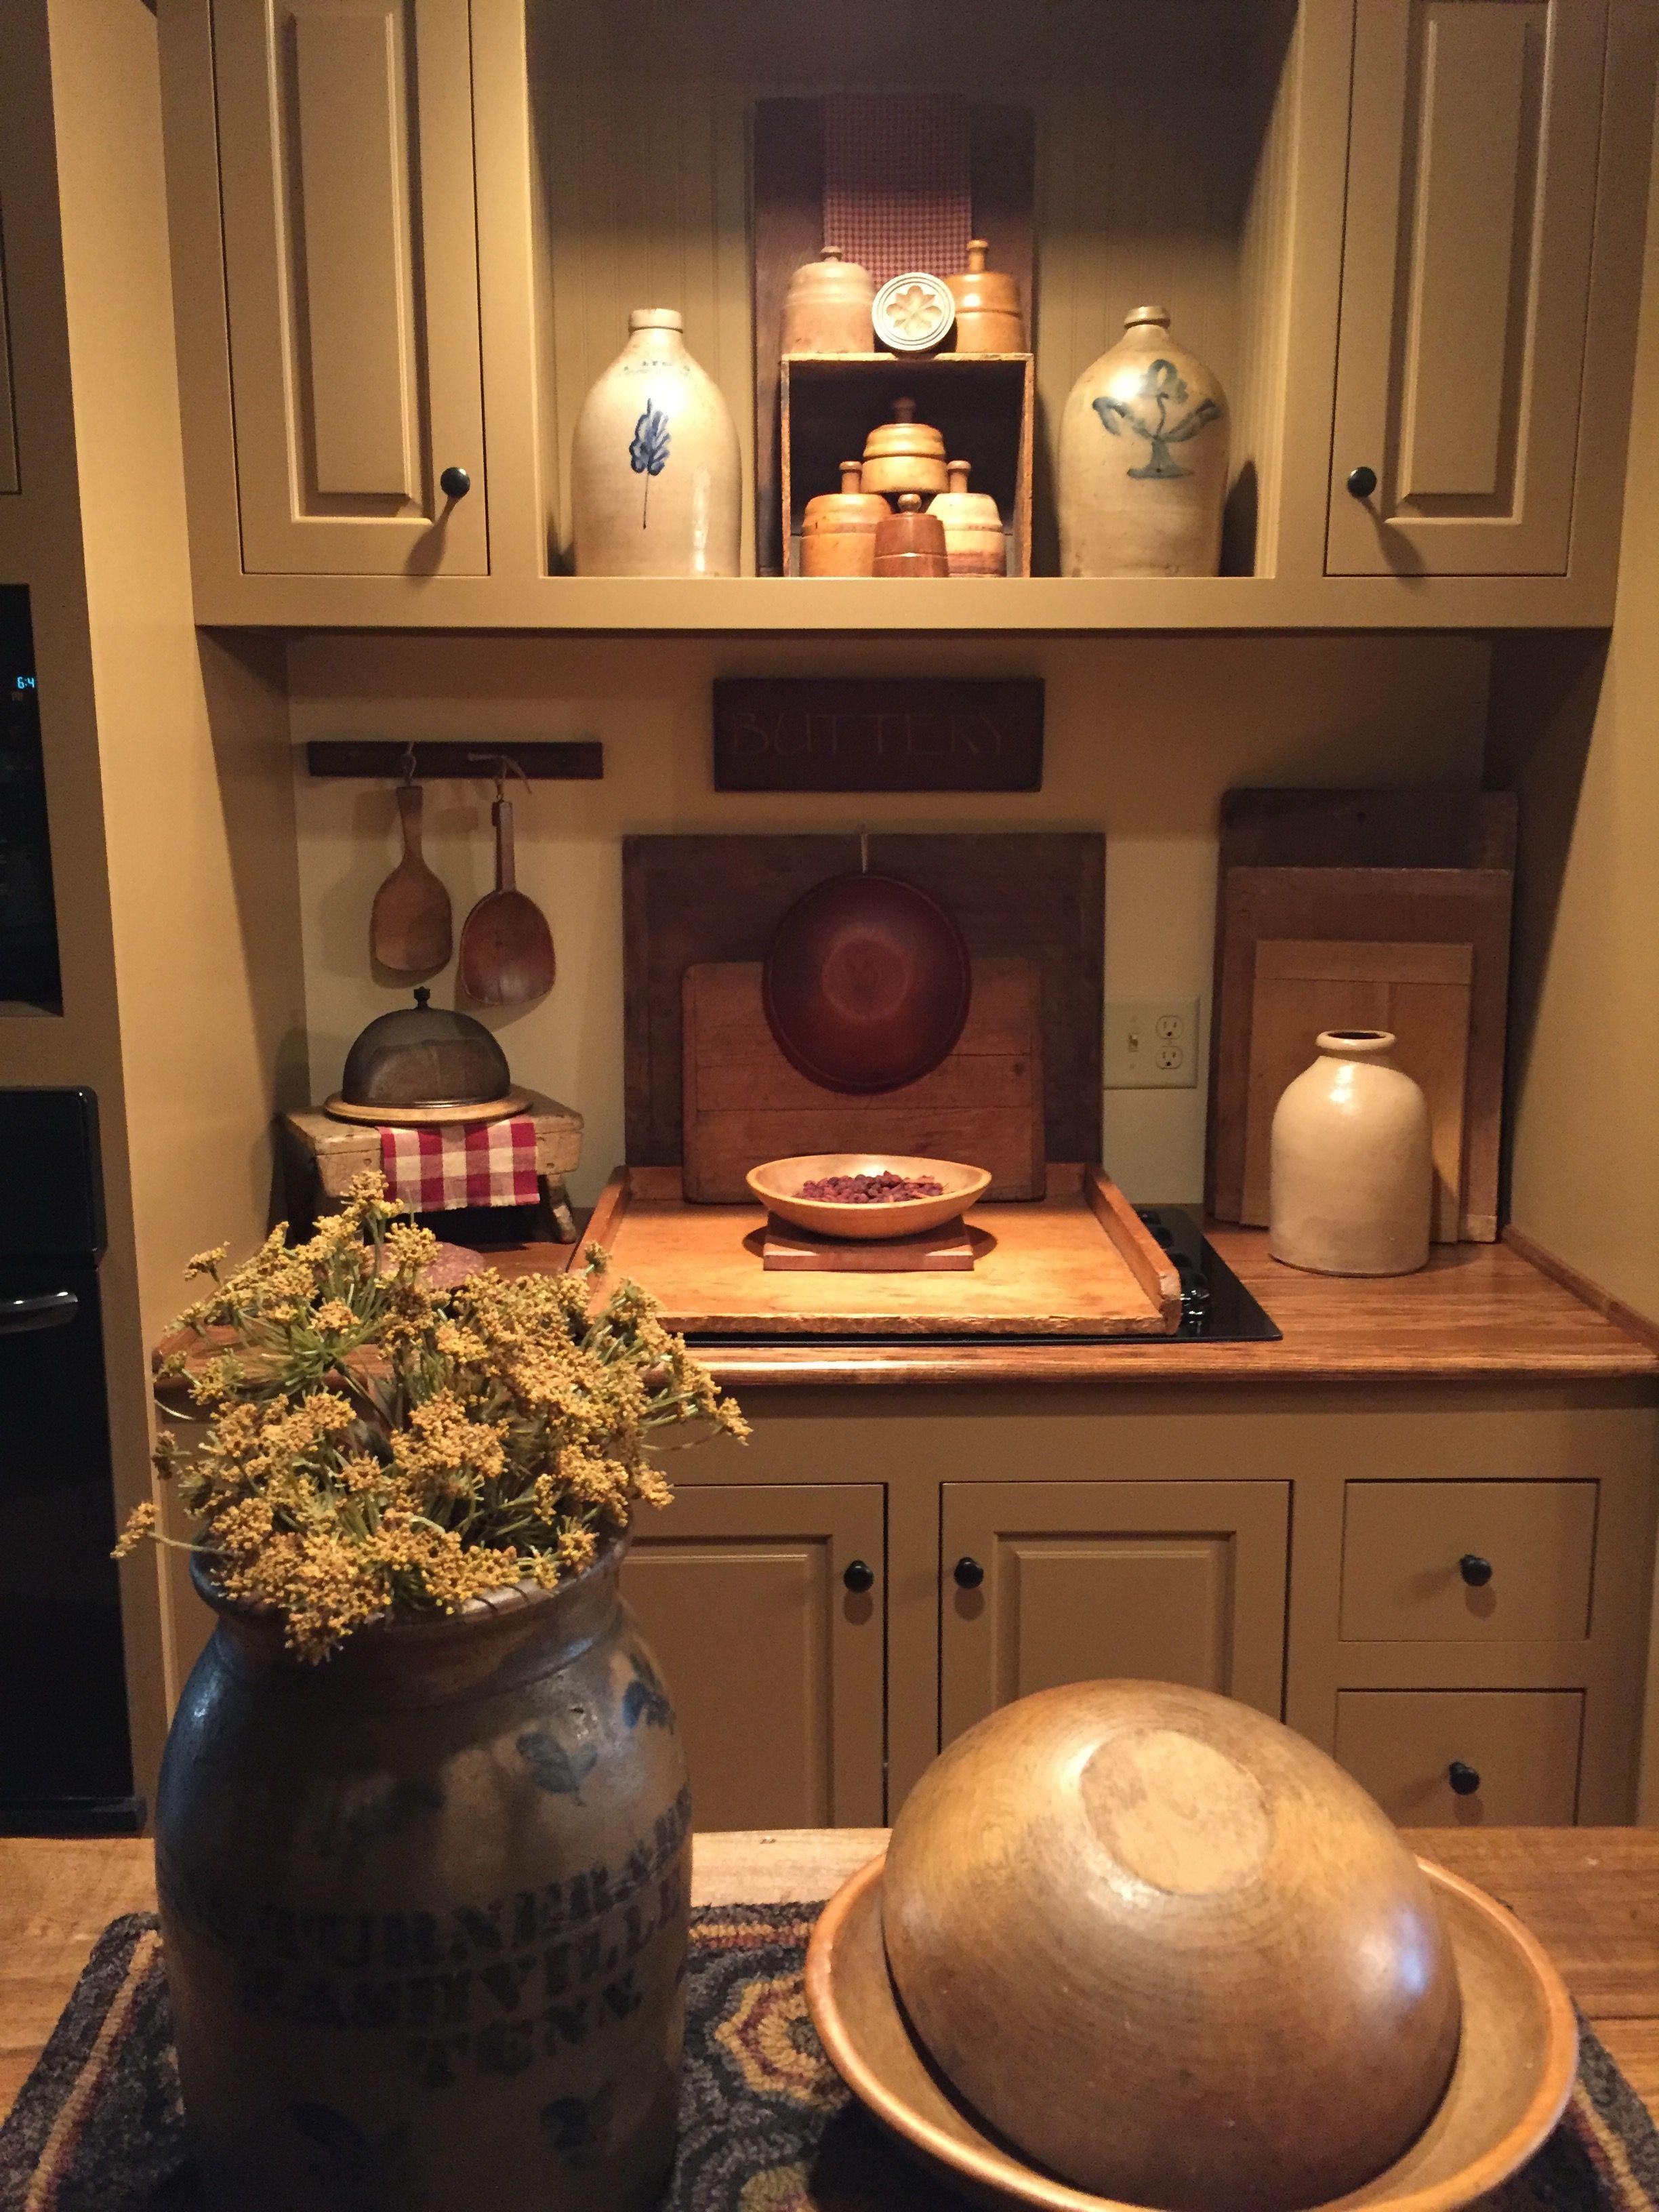 Pin de Amy Frecker en Home ideas | Pinterest | Granjas y Cocinas